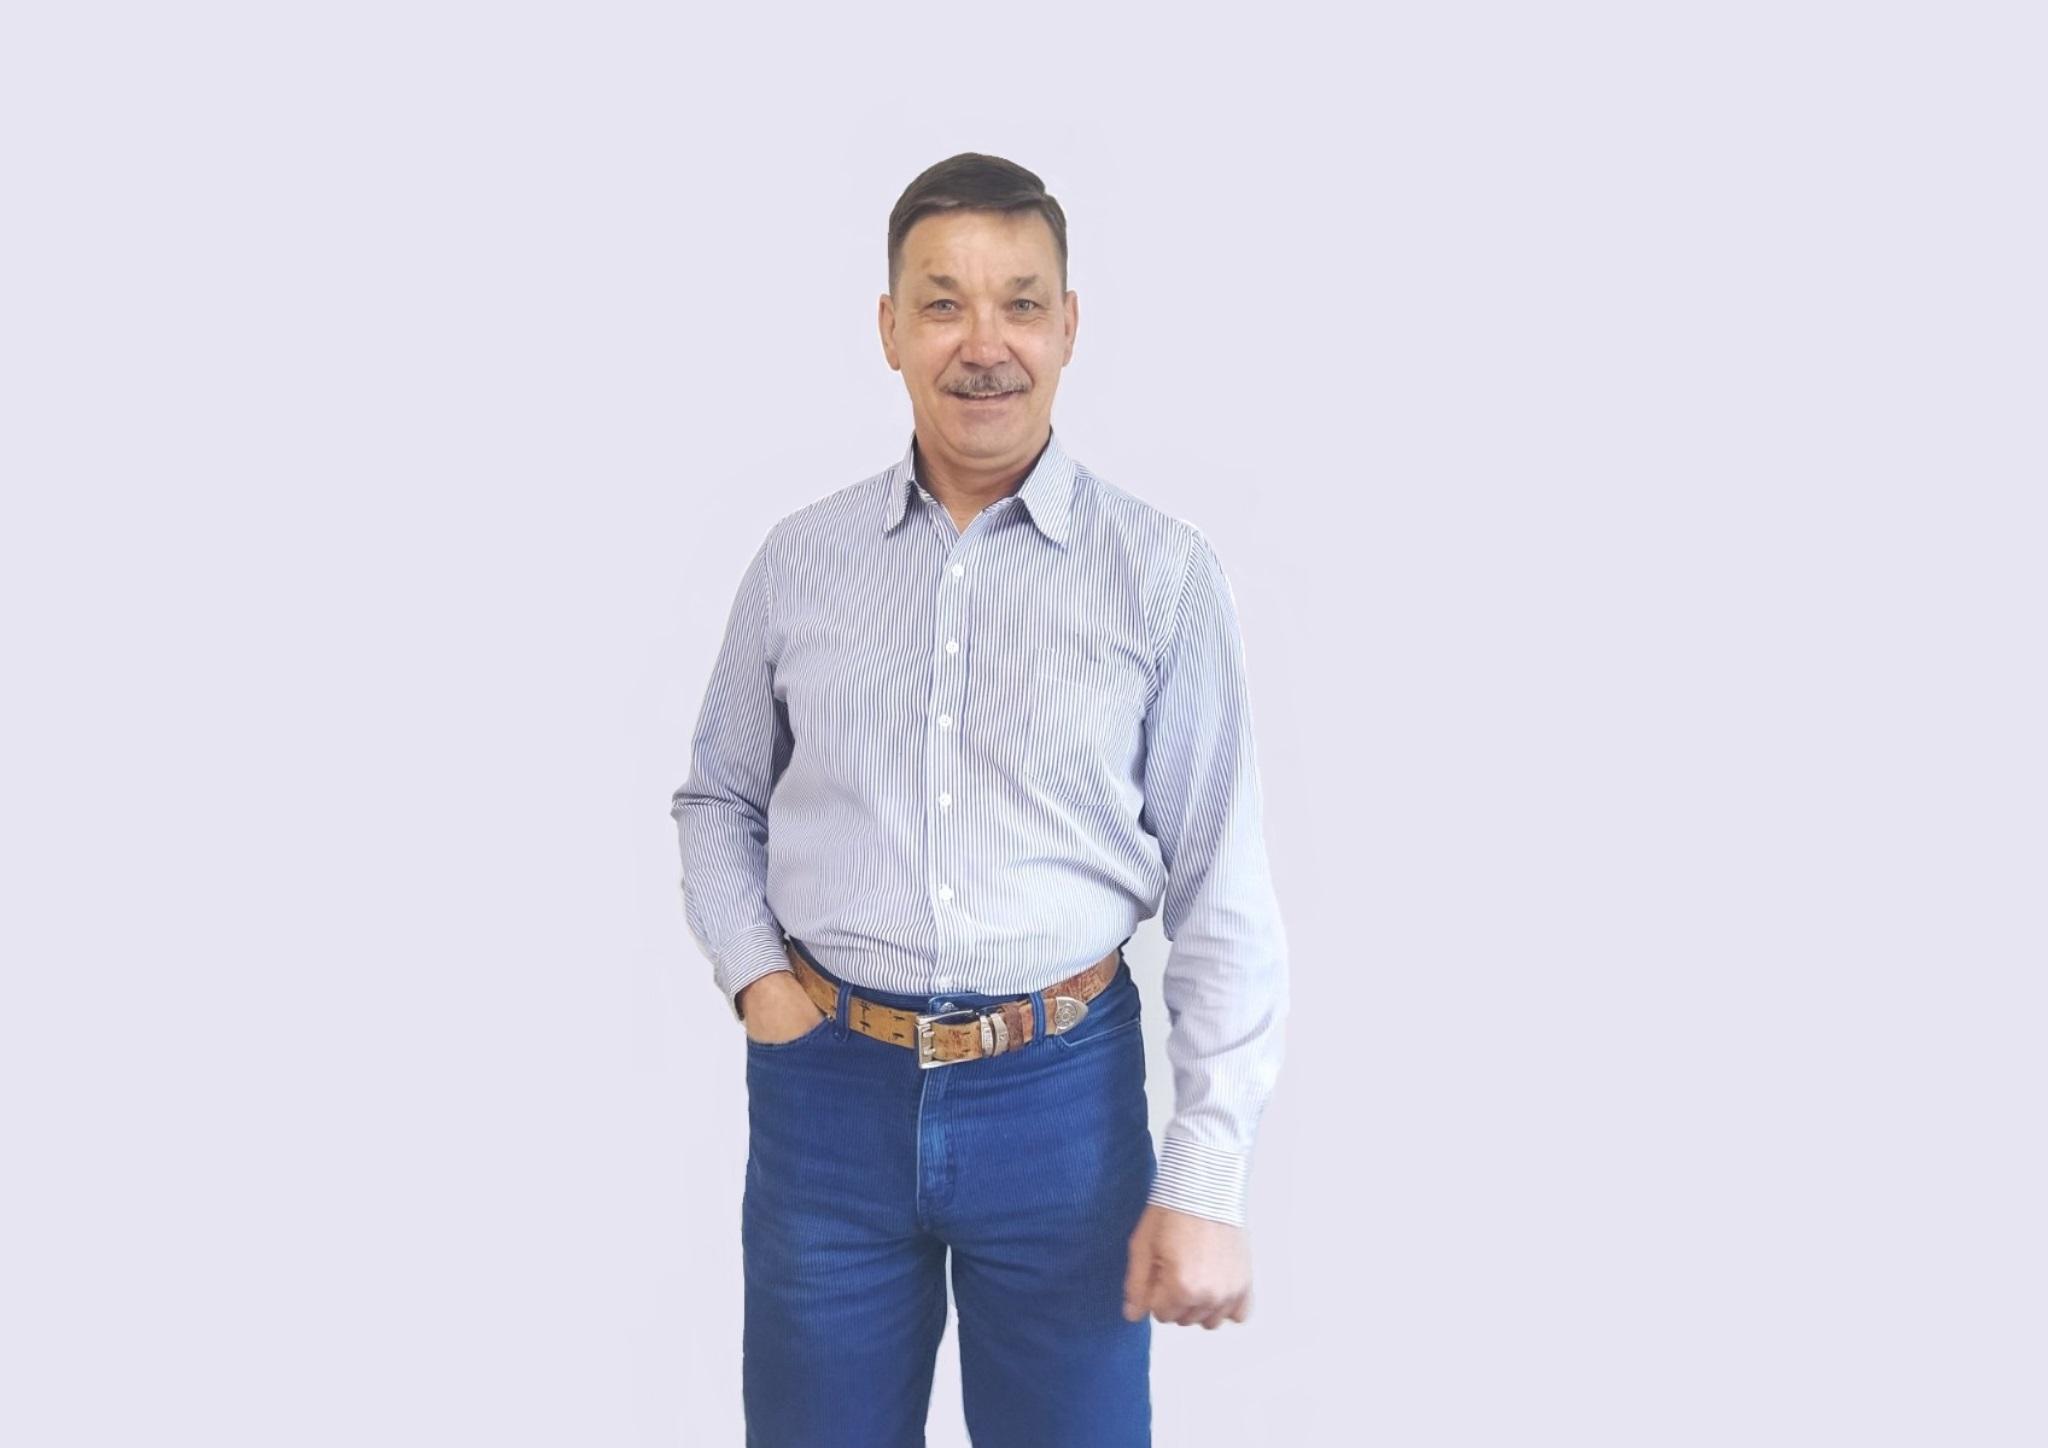 Constantin Cerepovschii